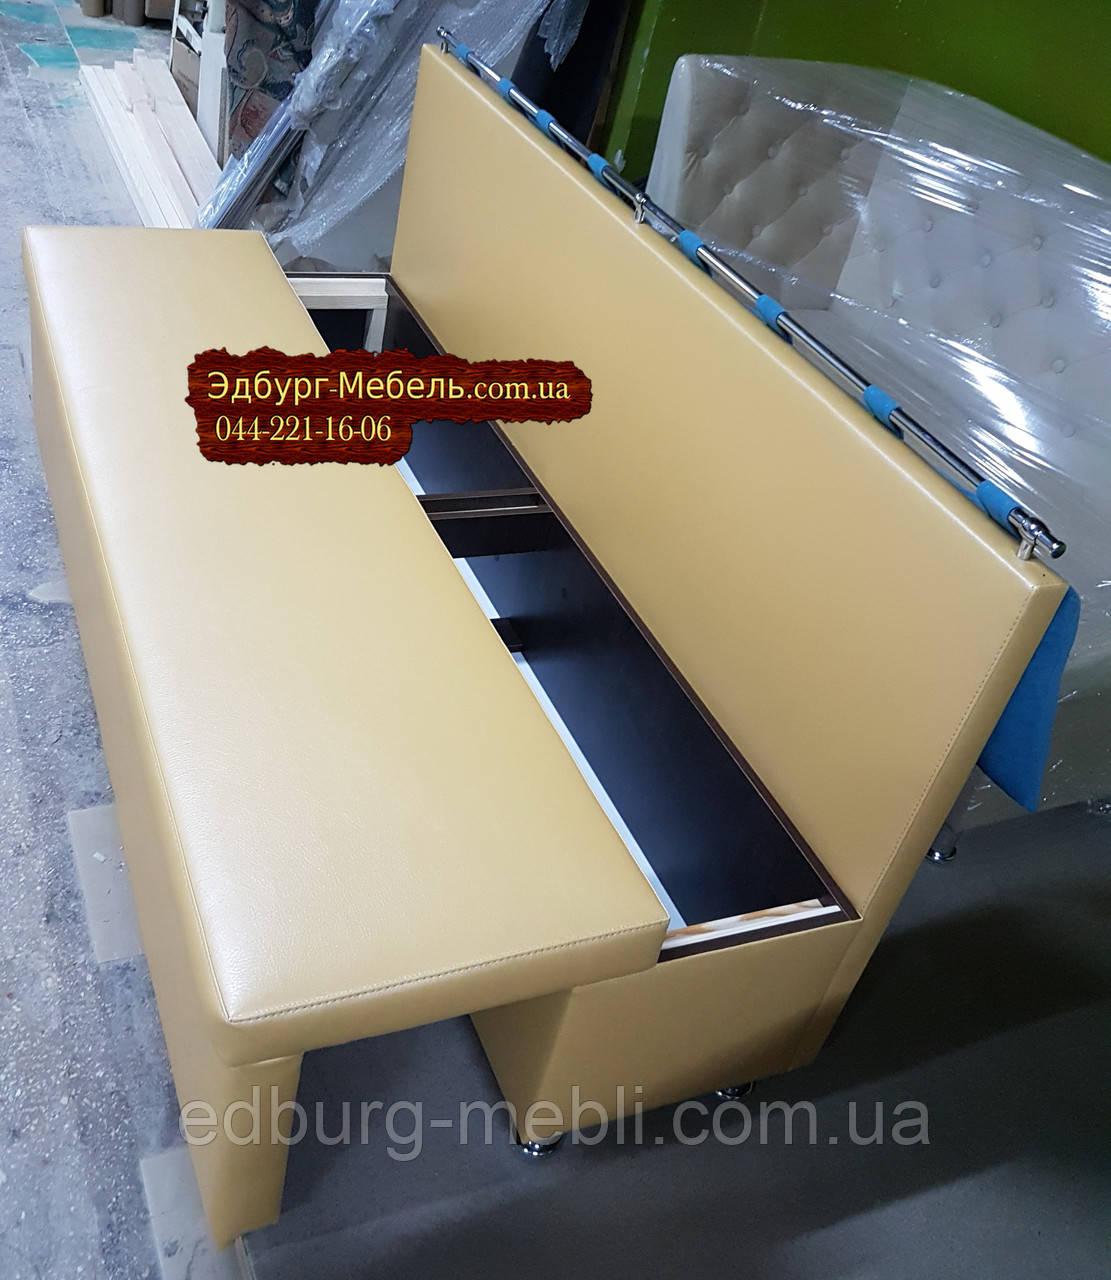 Диван для узкой комнаты с ящиком + спальным местом 1800х500х870мм - фото 5